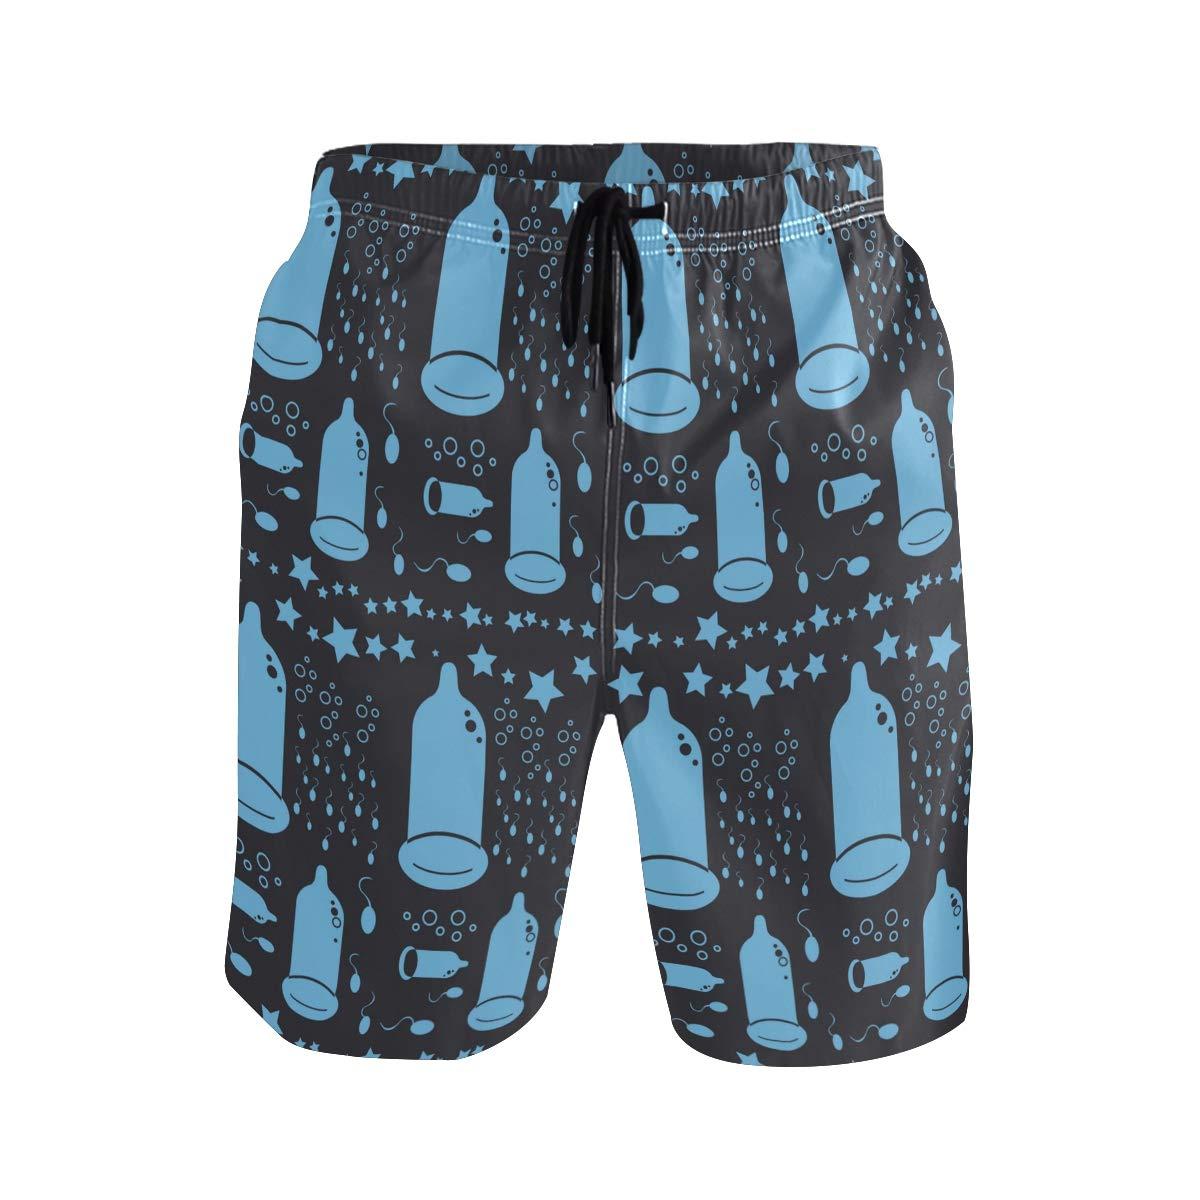 COVASA Mens Summer ShortsCondom